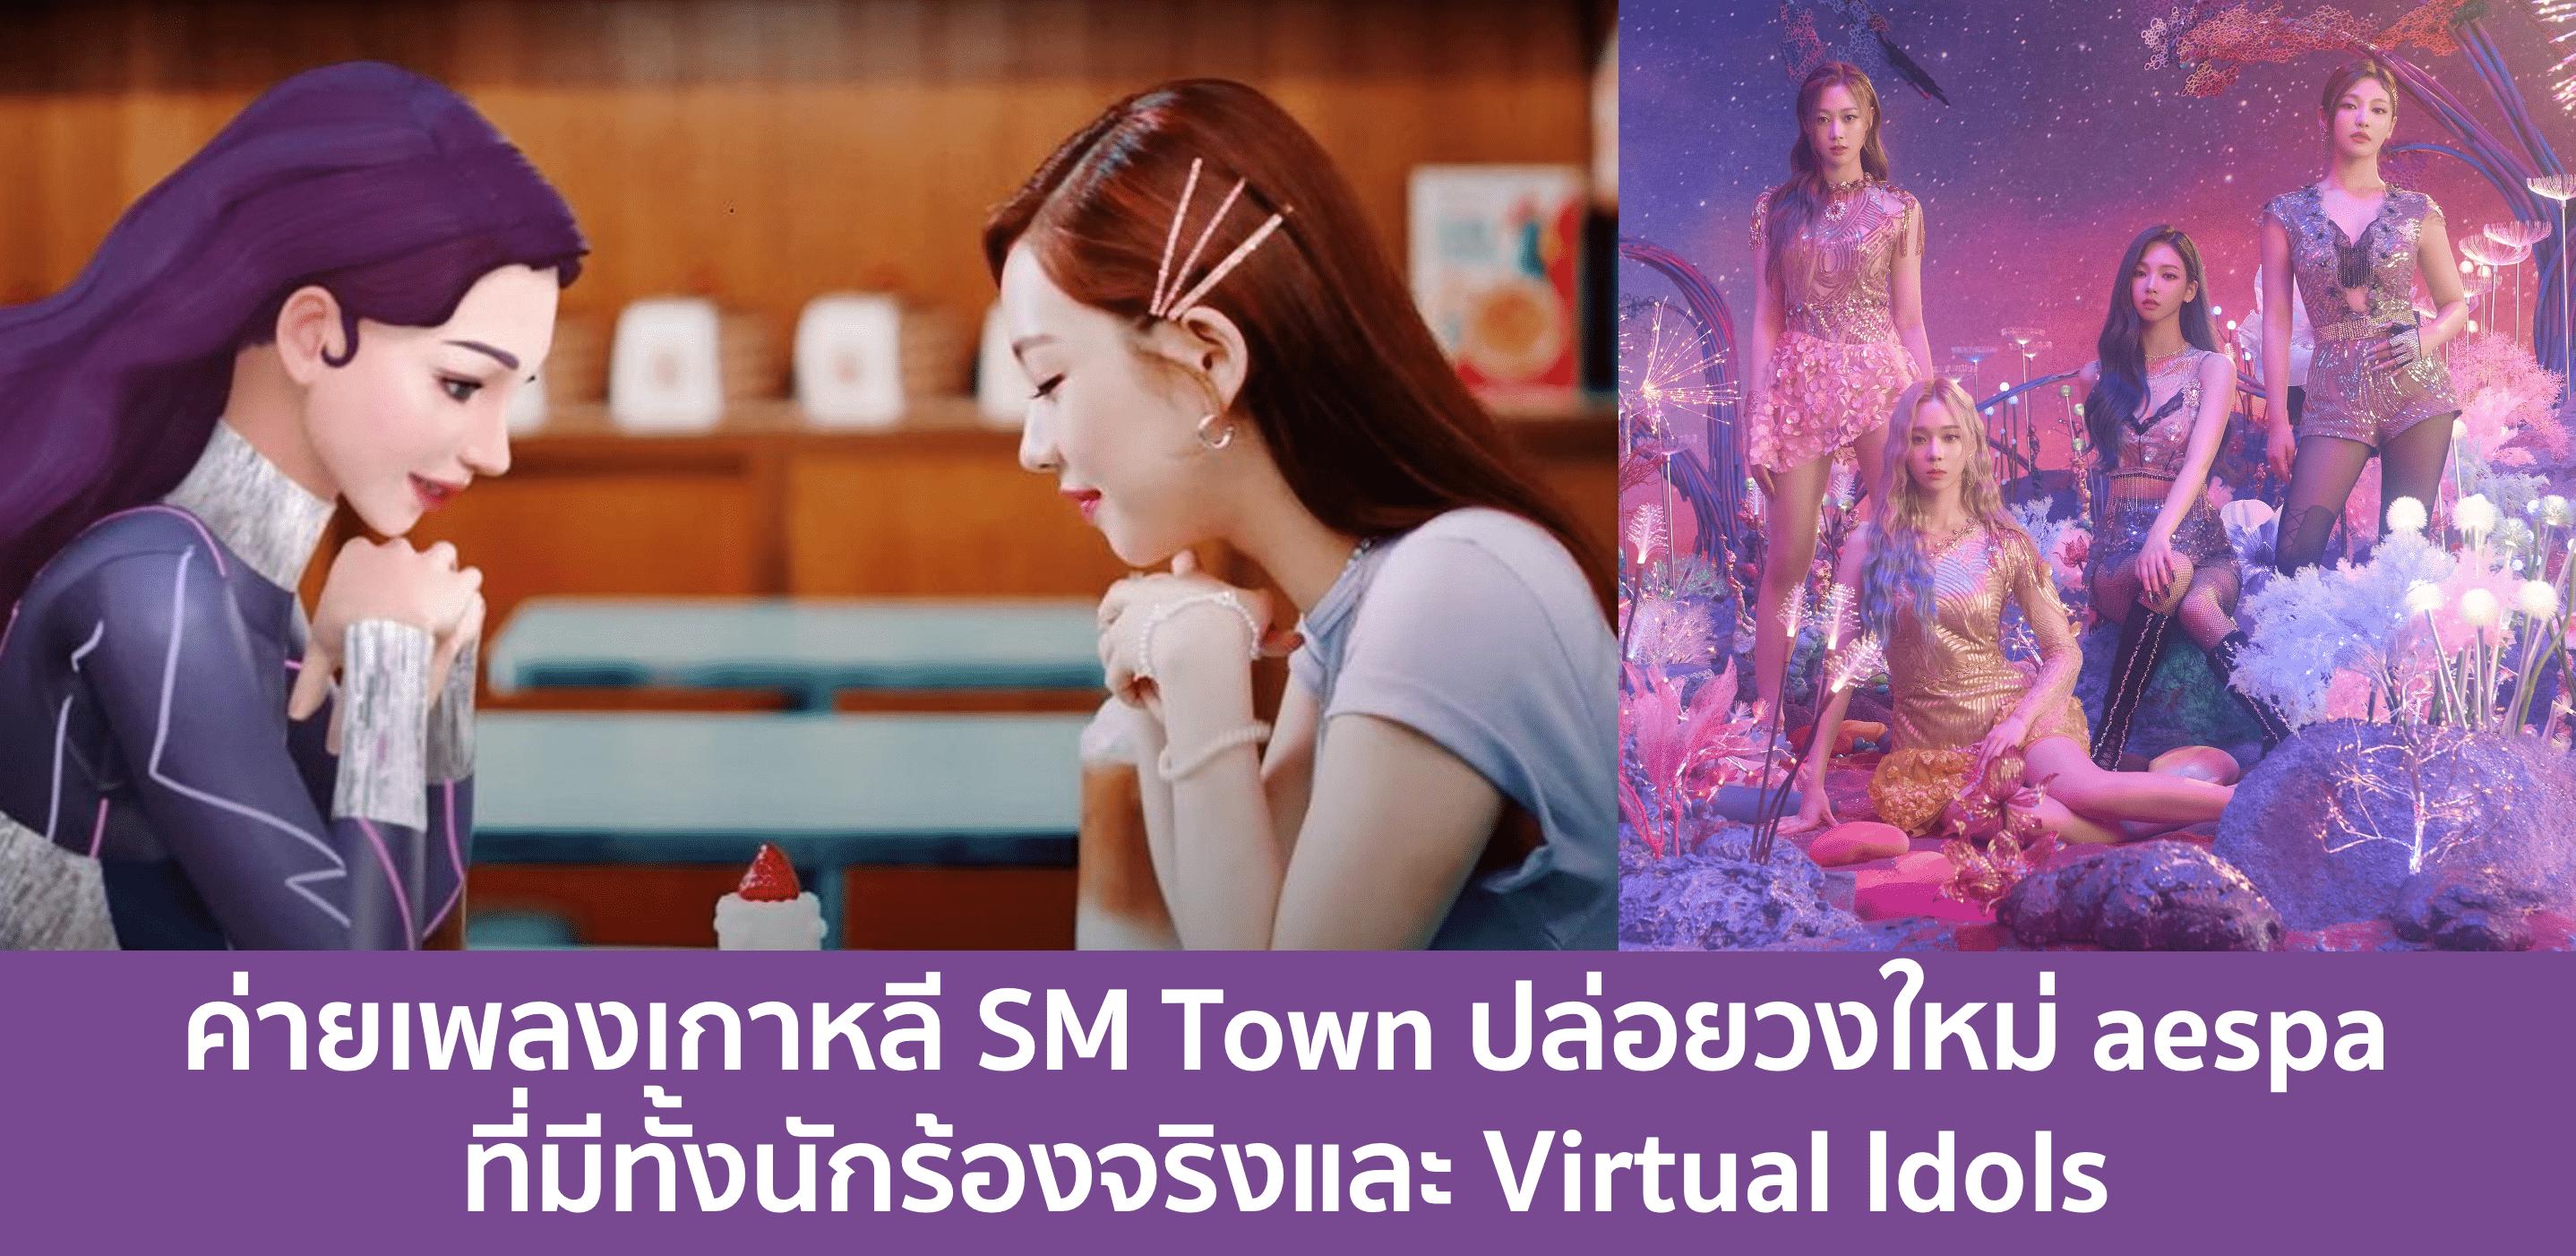 ค่ายเพลง KPOP ดัง SM TOWN ปล่อยวงใหม่ aespa ที่มี Virtual Idol ด้วย